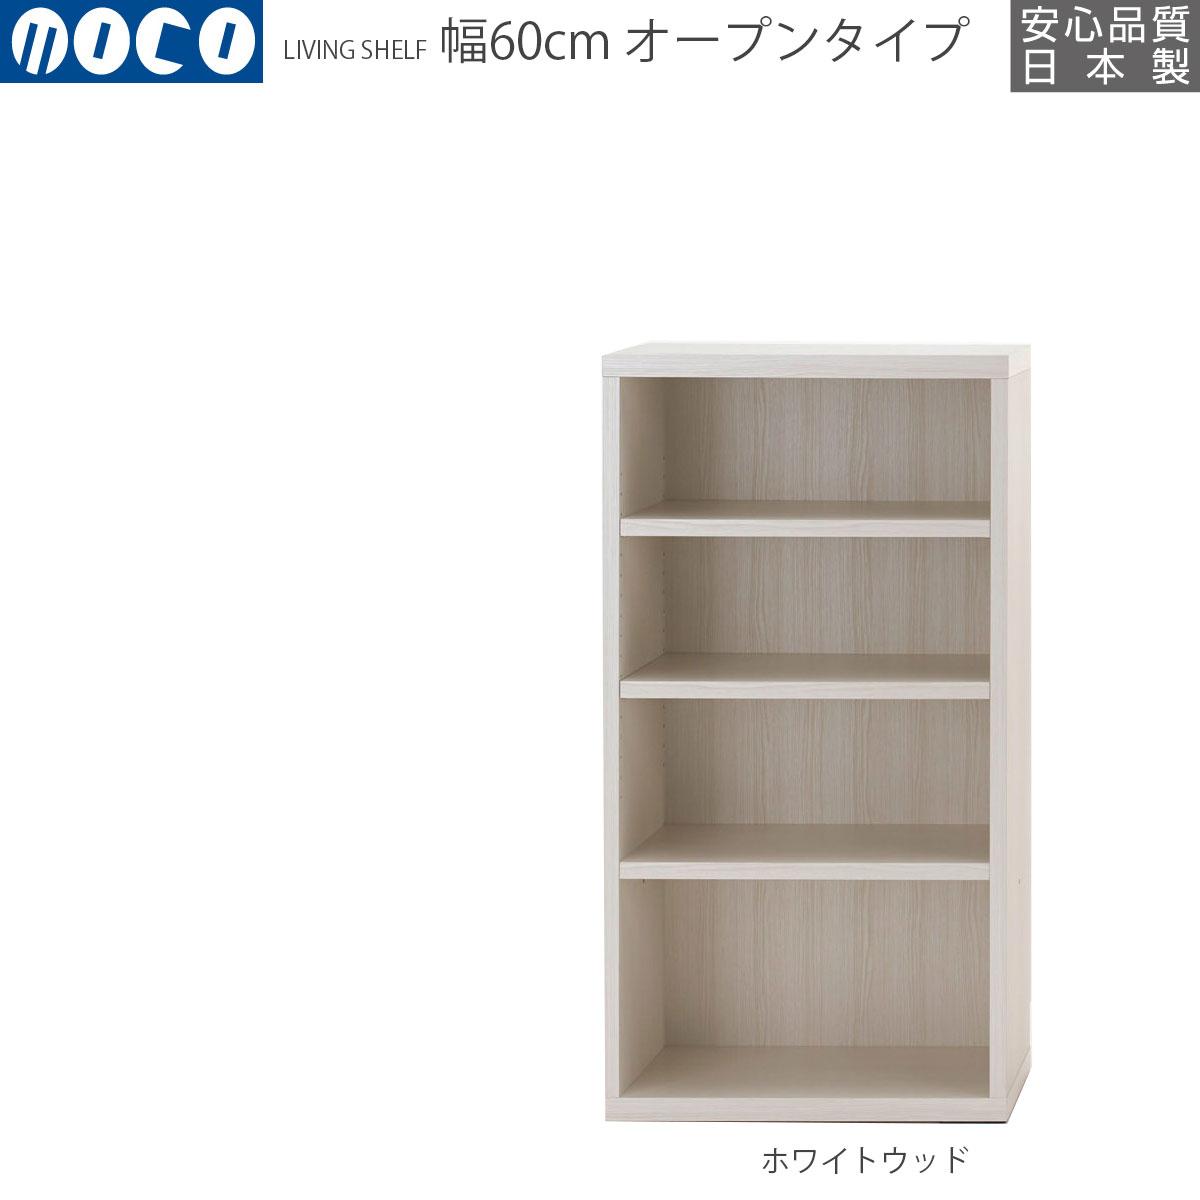 【即納】 フナモコ リビングシェルフ 本棚 完成品 大容量 壁面 薄型 スリム 【幅60×高さ113.8cm】 ホワイトウッド LFS-60